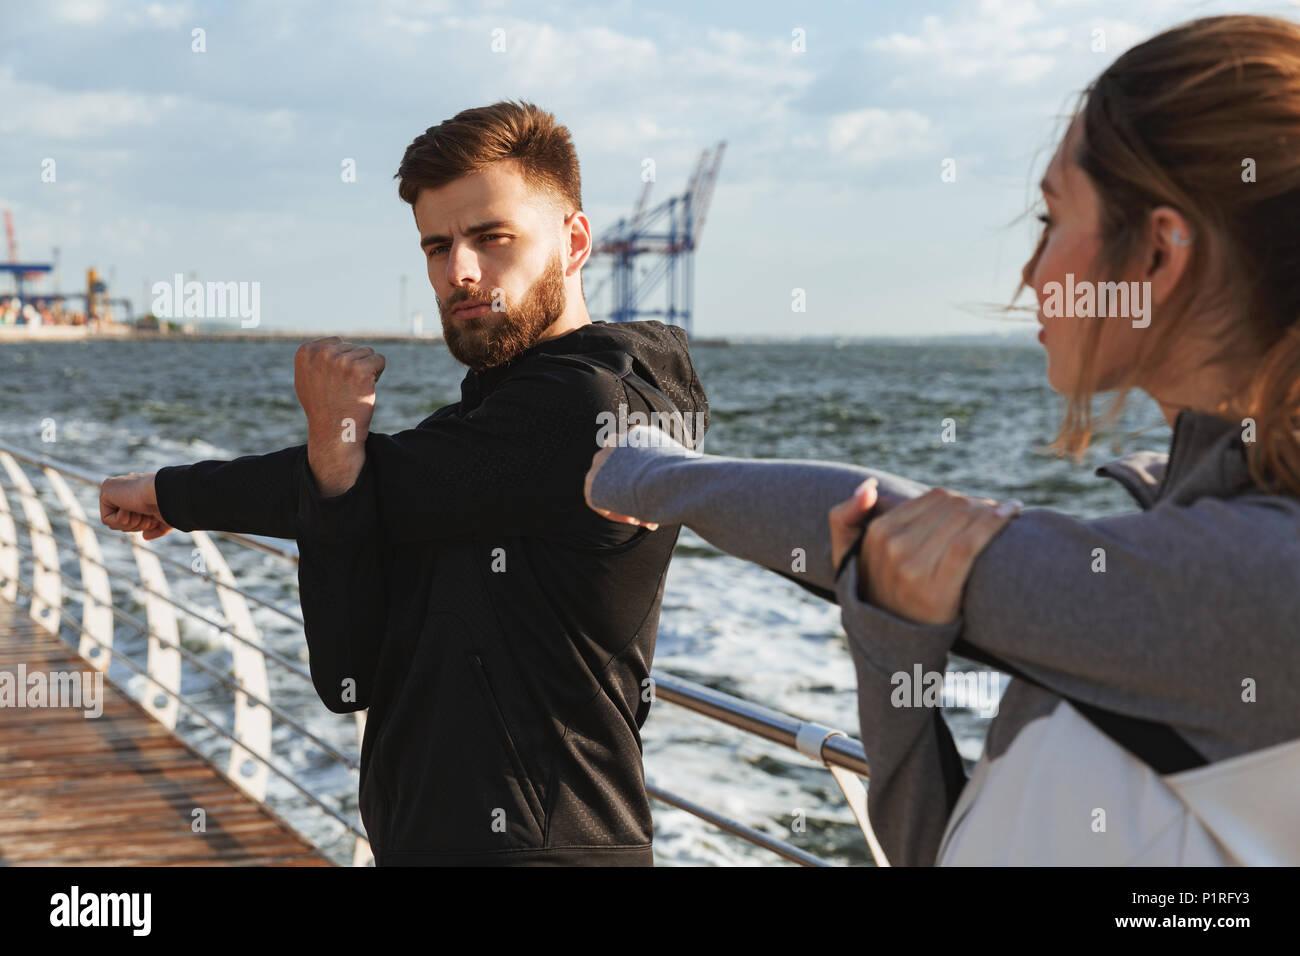 Junge sport Paar tun Dehnübungen vor dem Joggen am Strand konzentriert Stockfoto